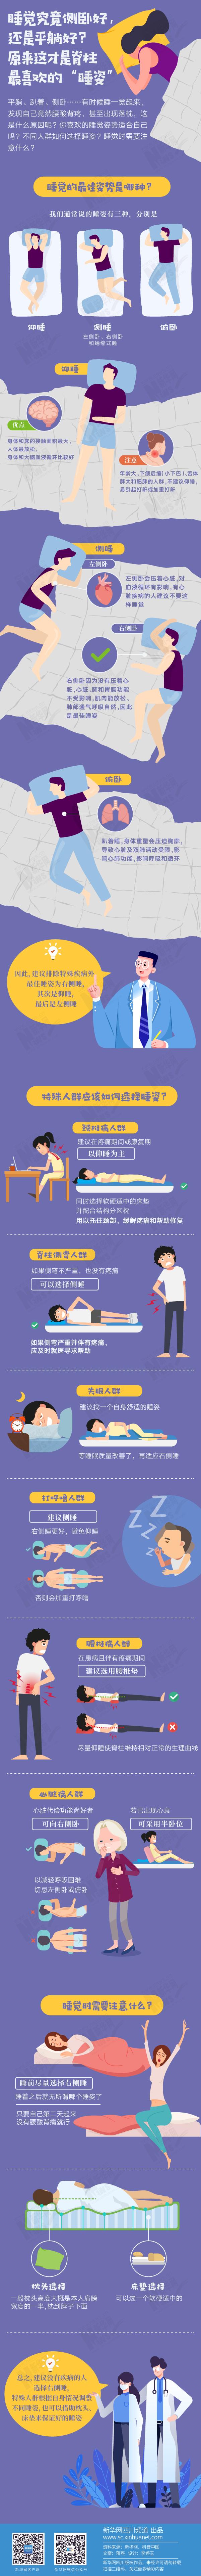 """睡觉究竟侧卧好,还是平躺好?原来这才是脊柱最喜欢的""""睡姿"""""""